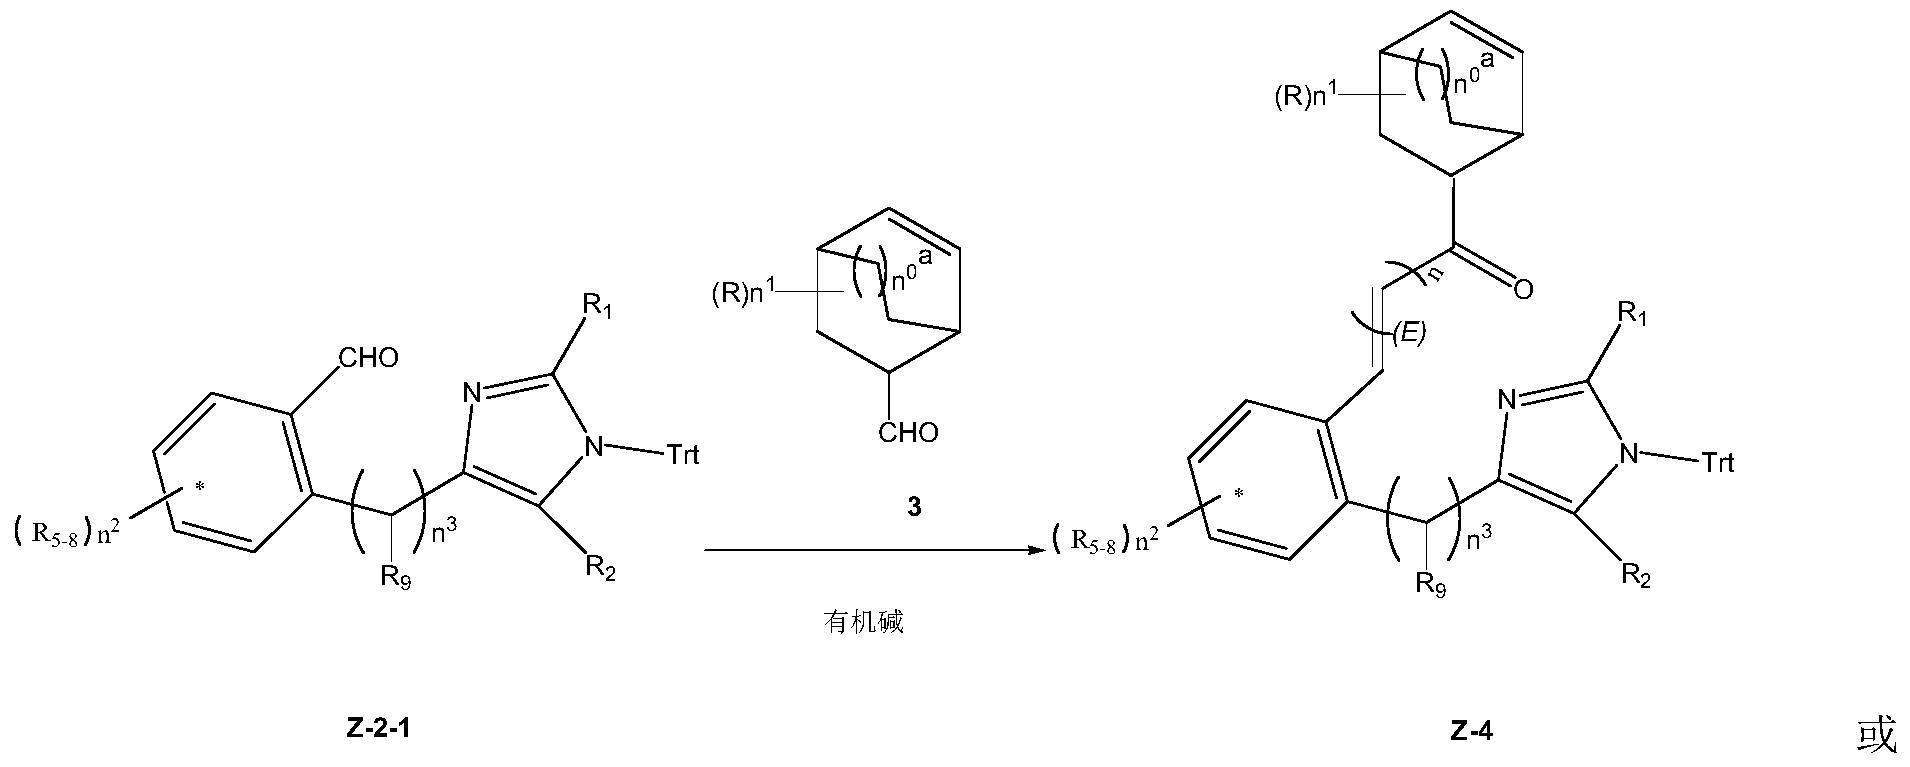 Figure PCTCN2017084604-appb-100031